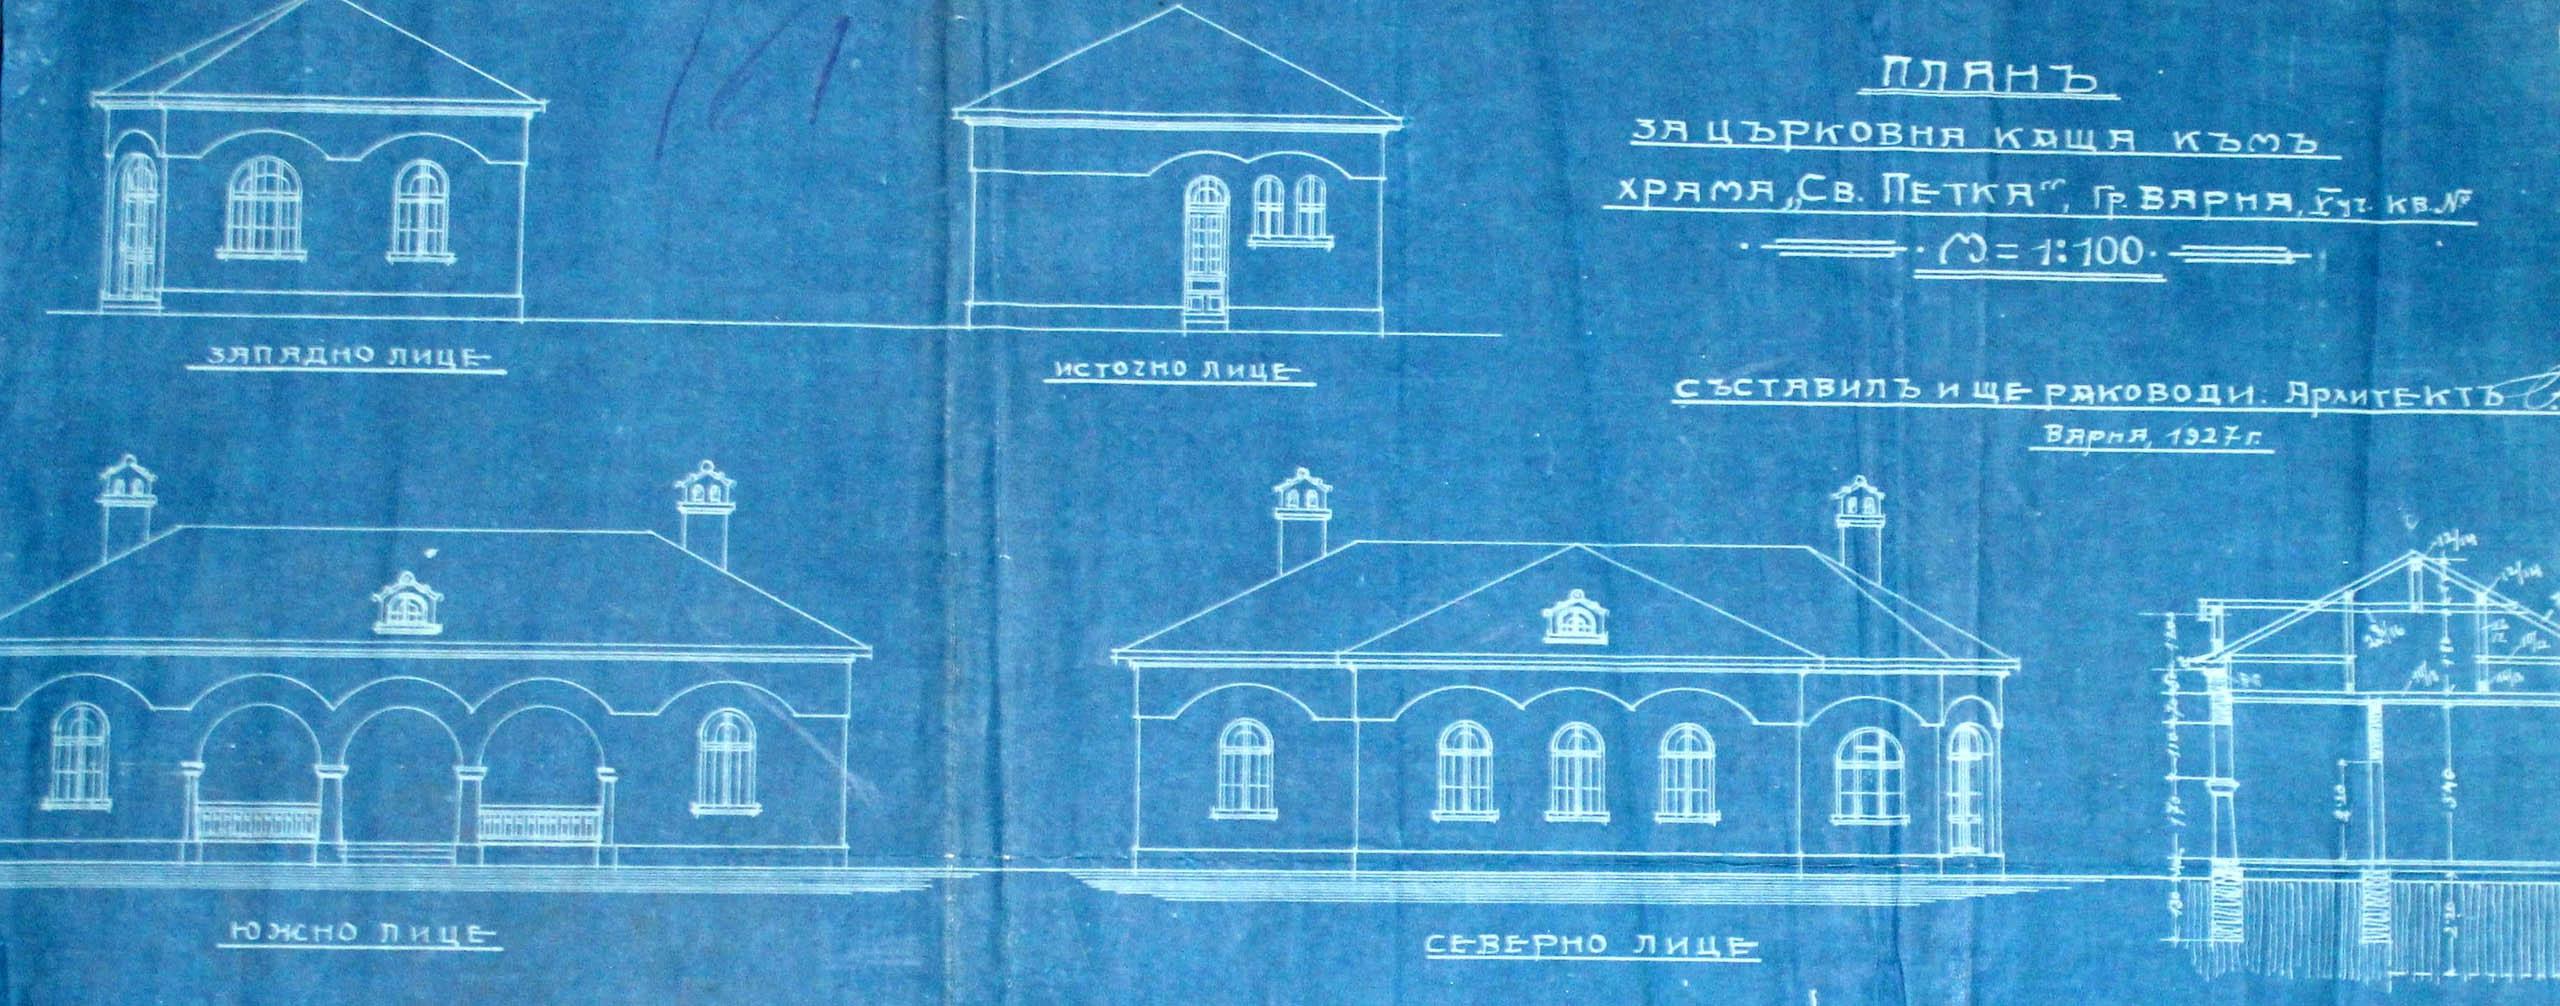 Проект на къща към храма - 1927г. /изт.: Архив-Община Варна/